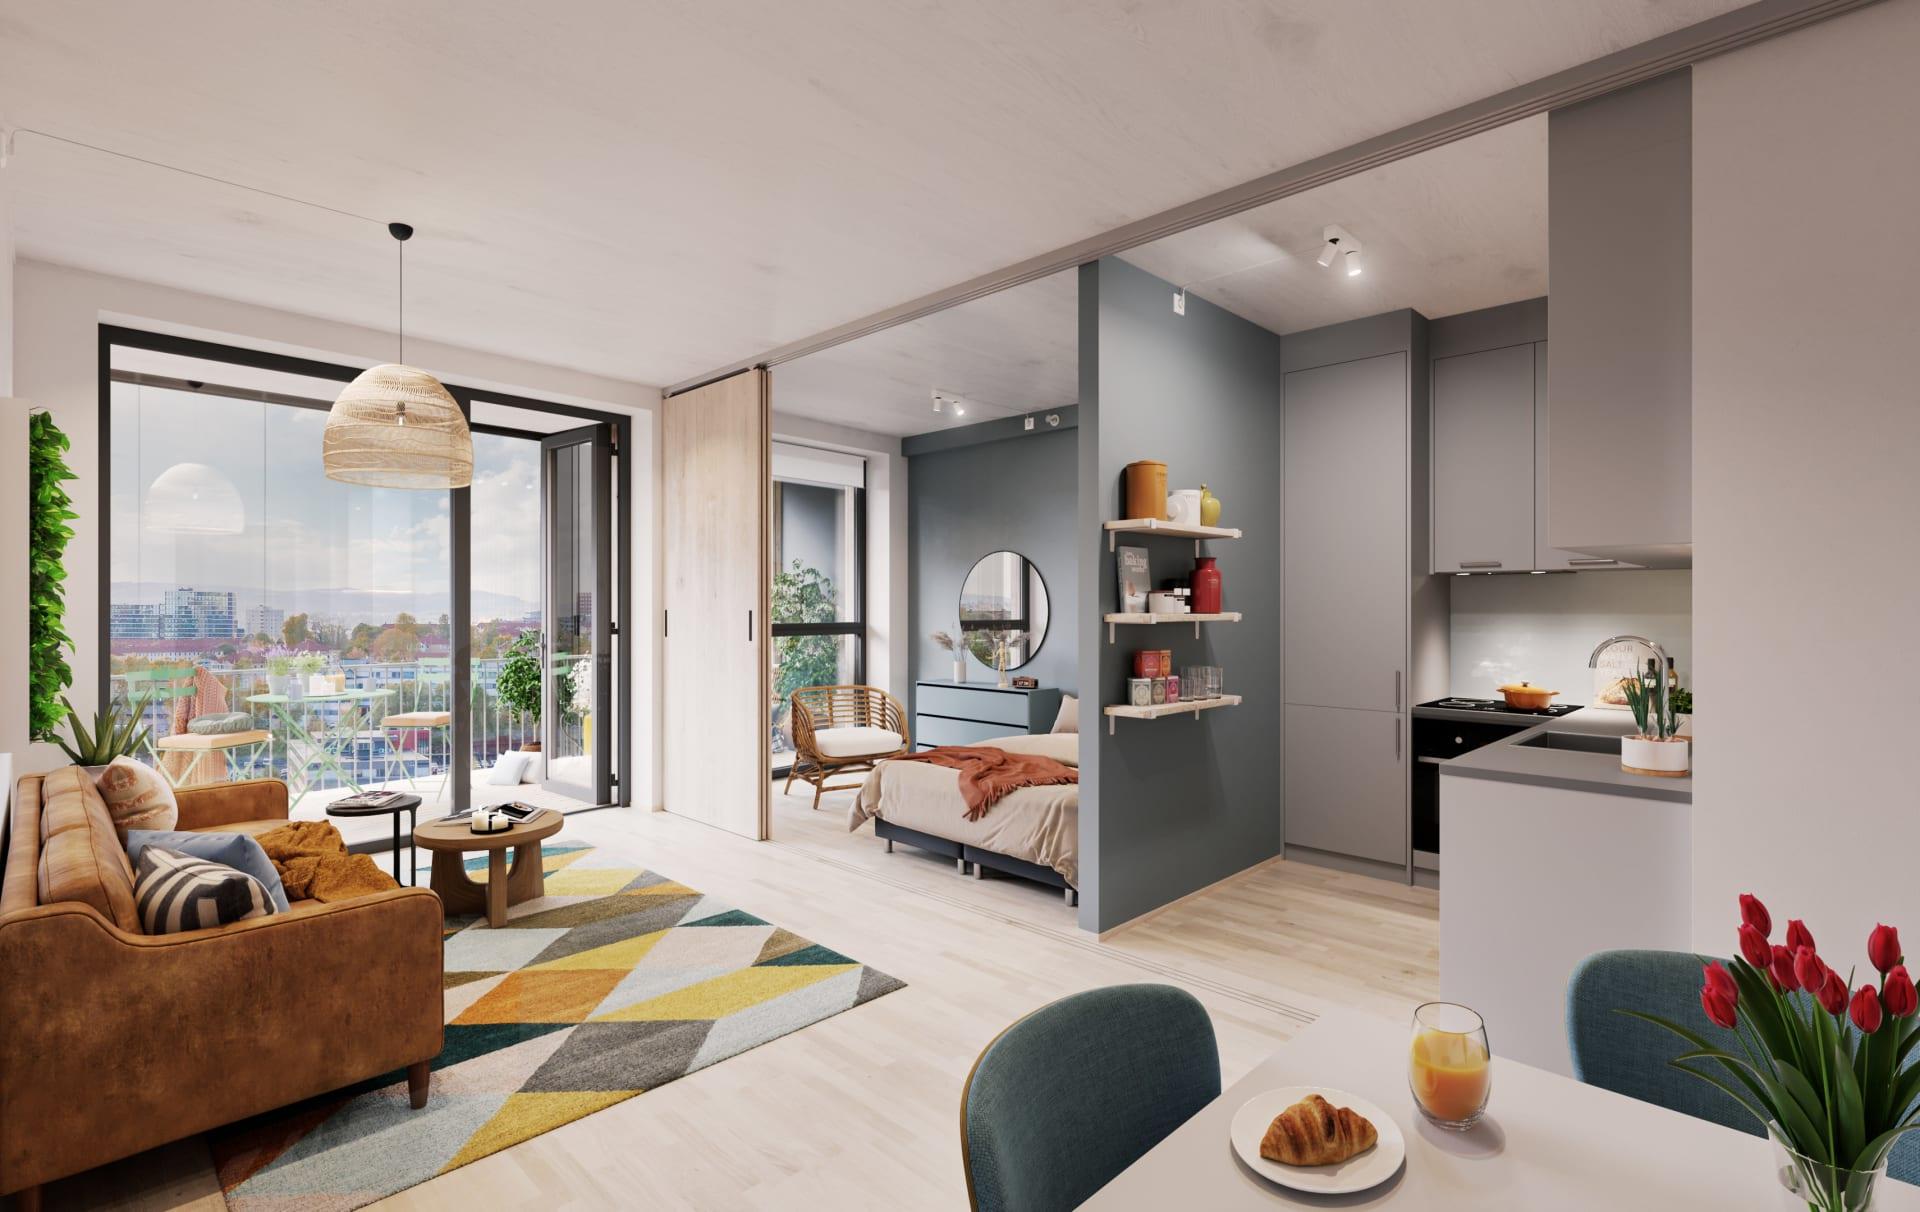 Vanilje: Stue med tilvalg grått kjøkken